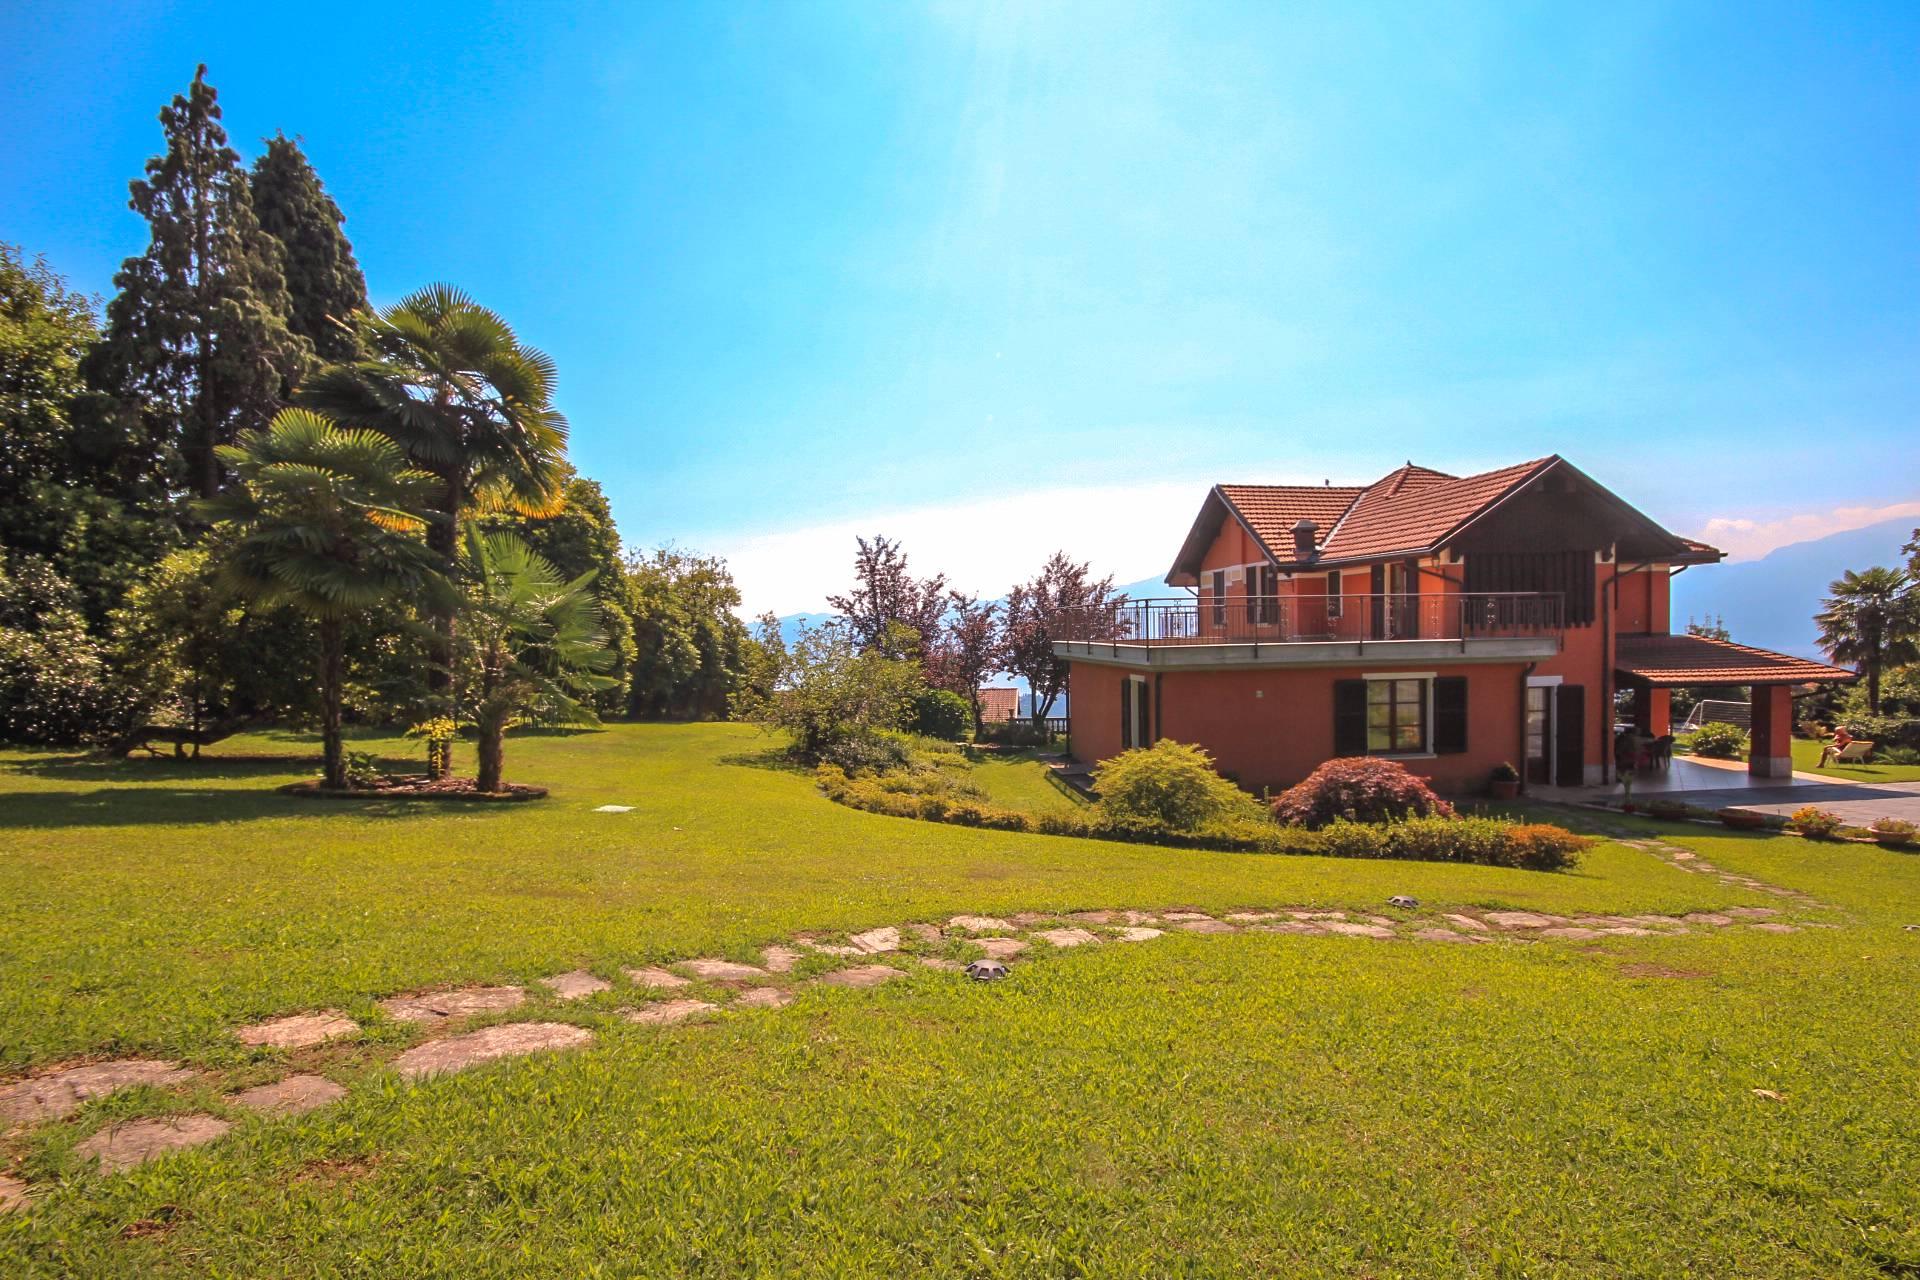 Villa in vendita a Bee, 1 locali, prezzo € 950.000 | Cambio Casa.it